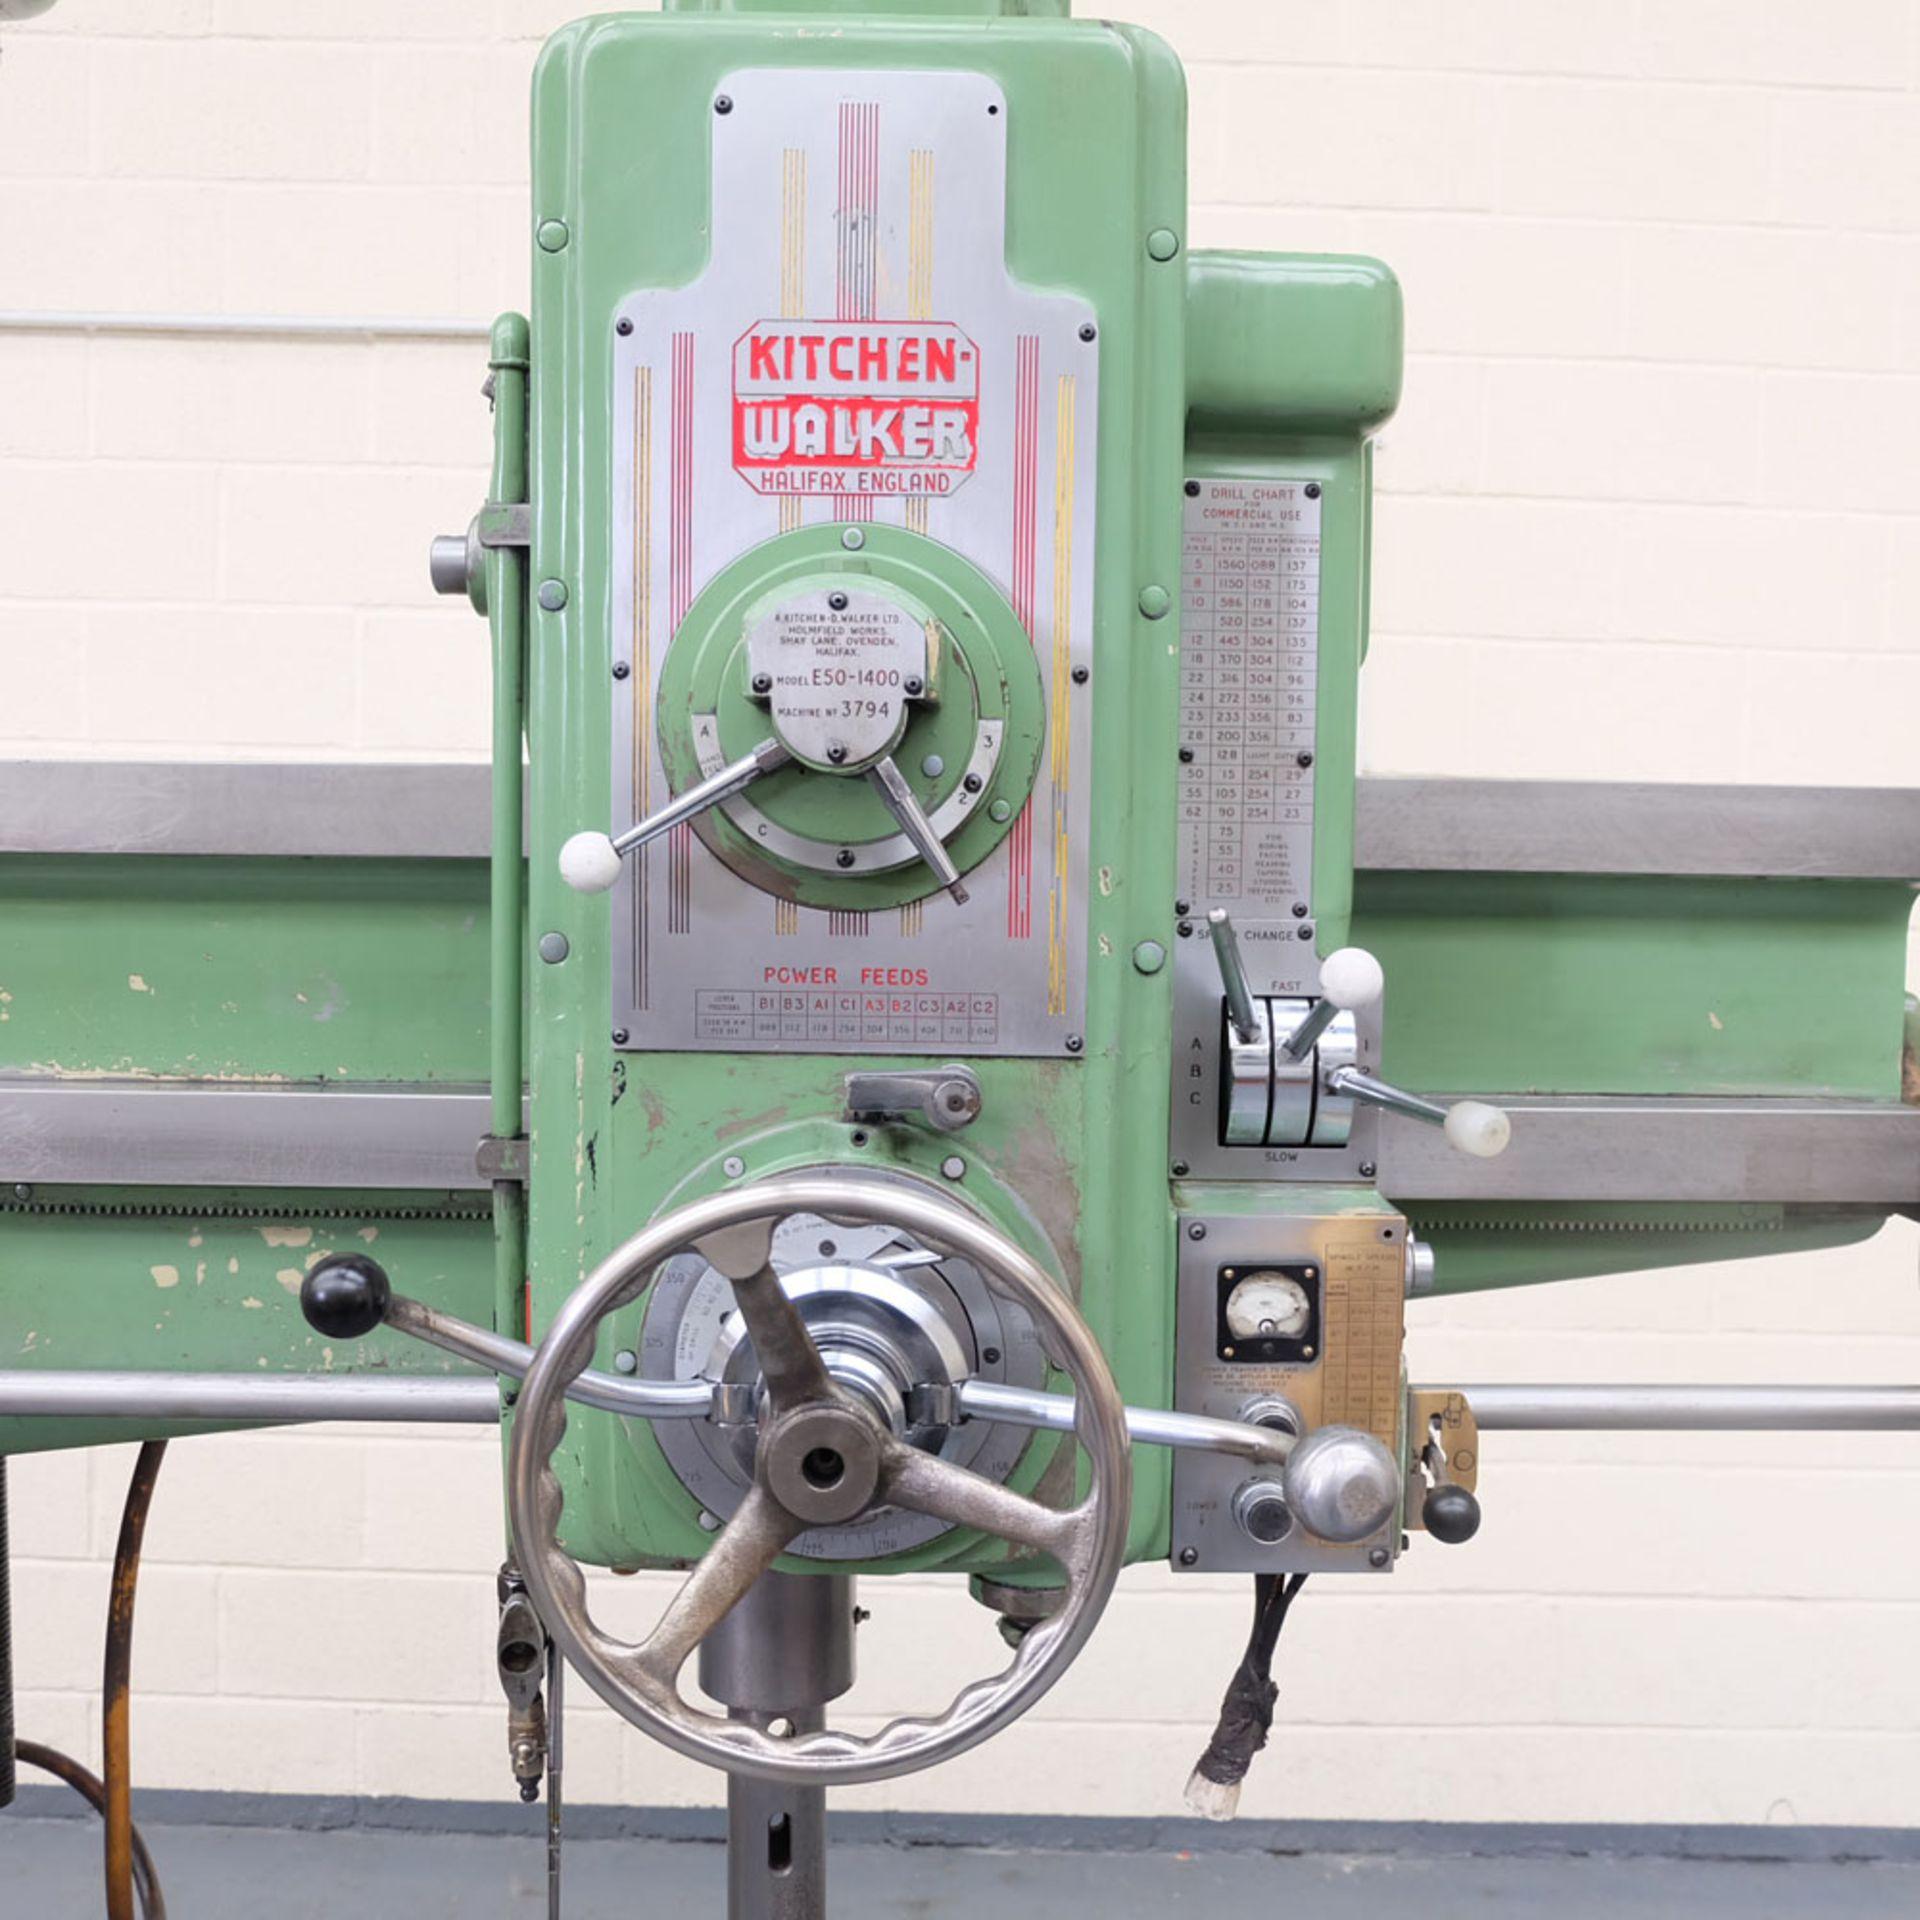 Kitchen-Walker Model E50-1400 4 1/2 FT Radial Alarm Drill. - Image 2 of 16